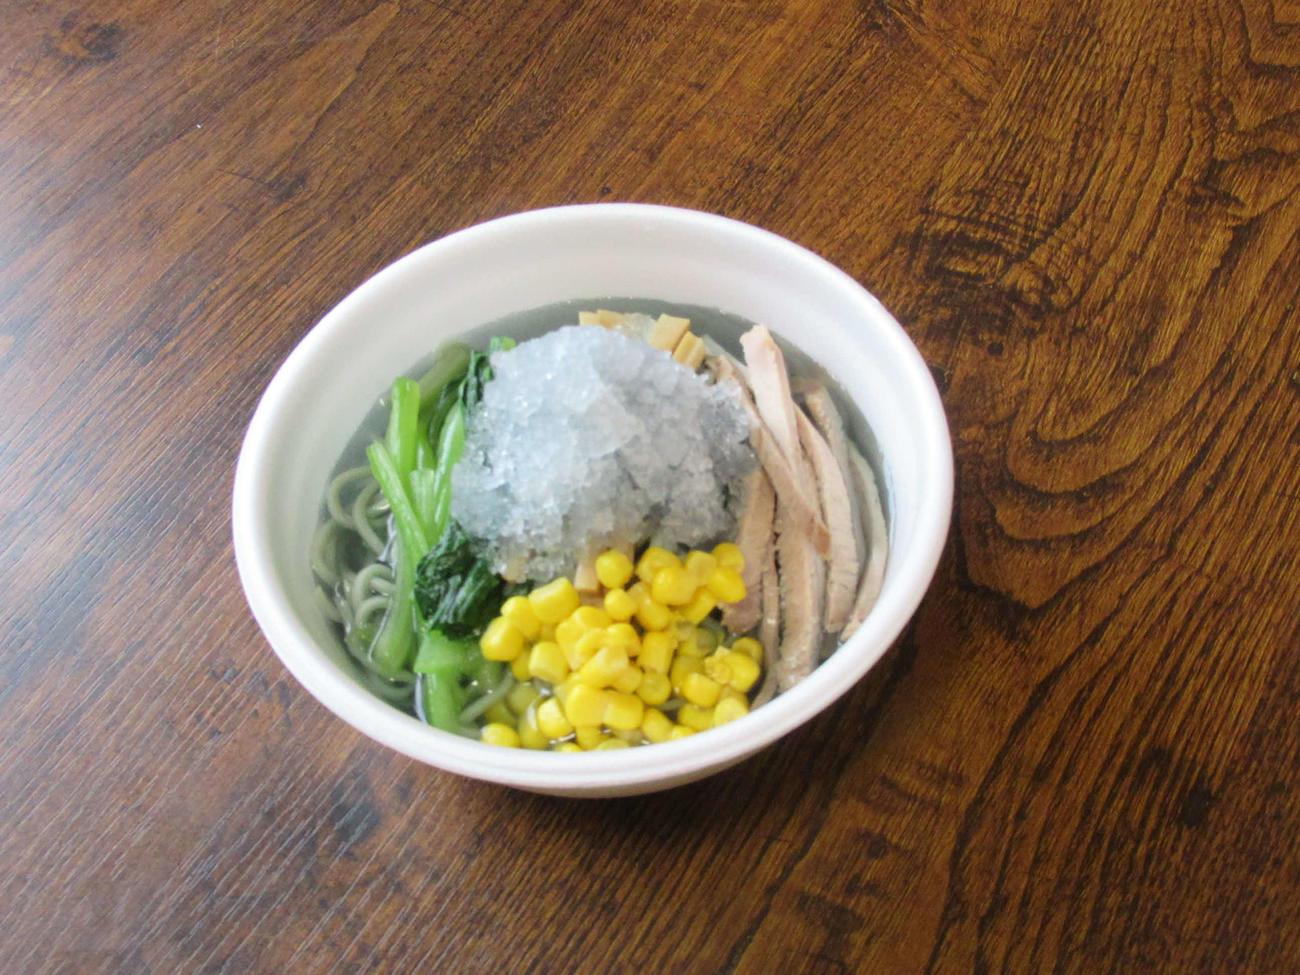 磐田南高の生徒とラーメン店「丸屋」が共同開発した「サックスブルーの麺&スープの冷やしラーメン」(磐田市提供)